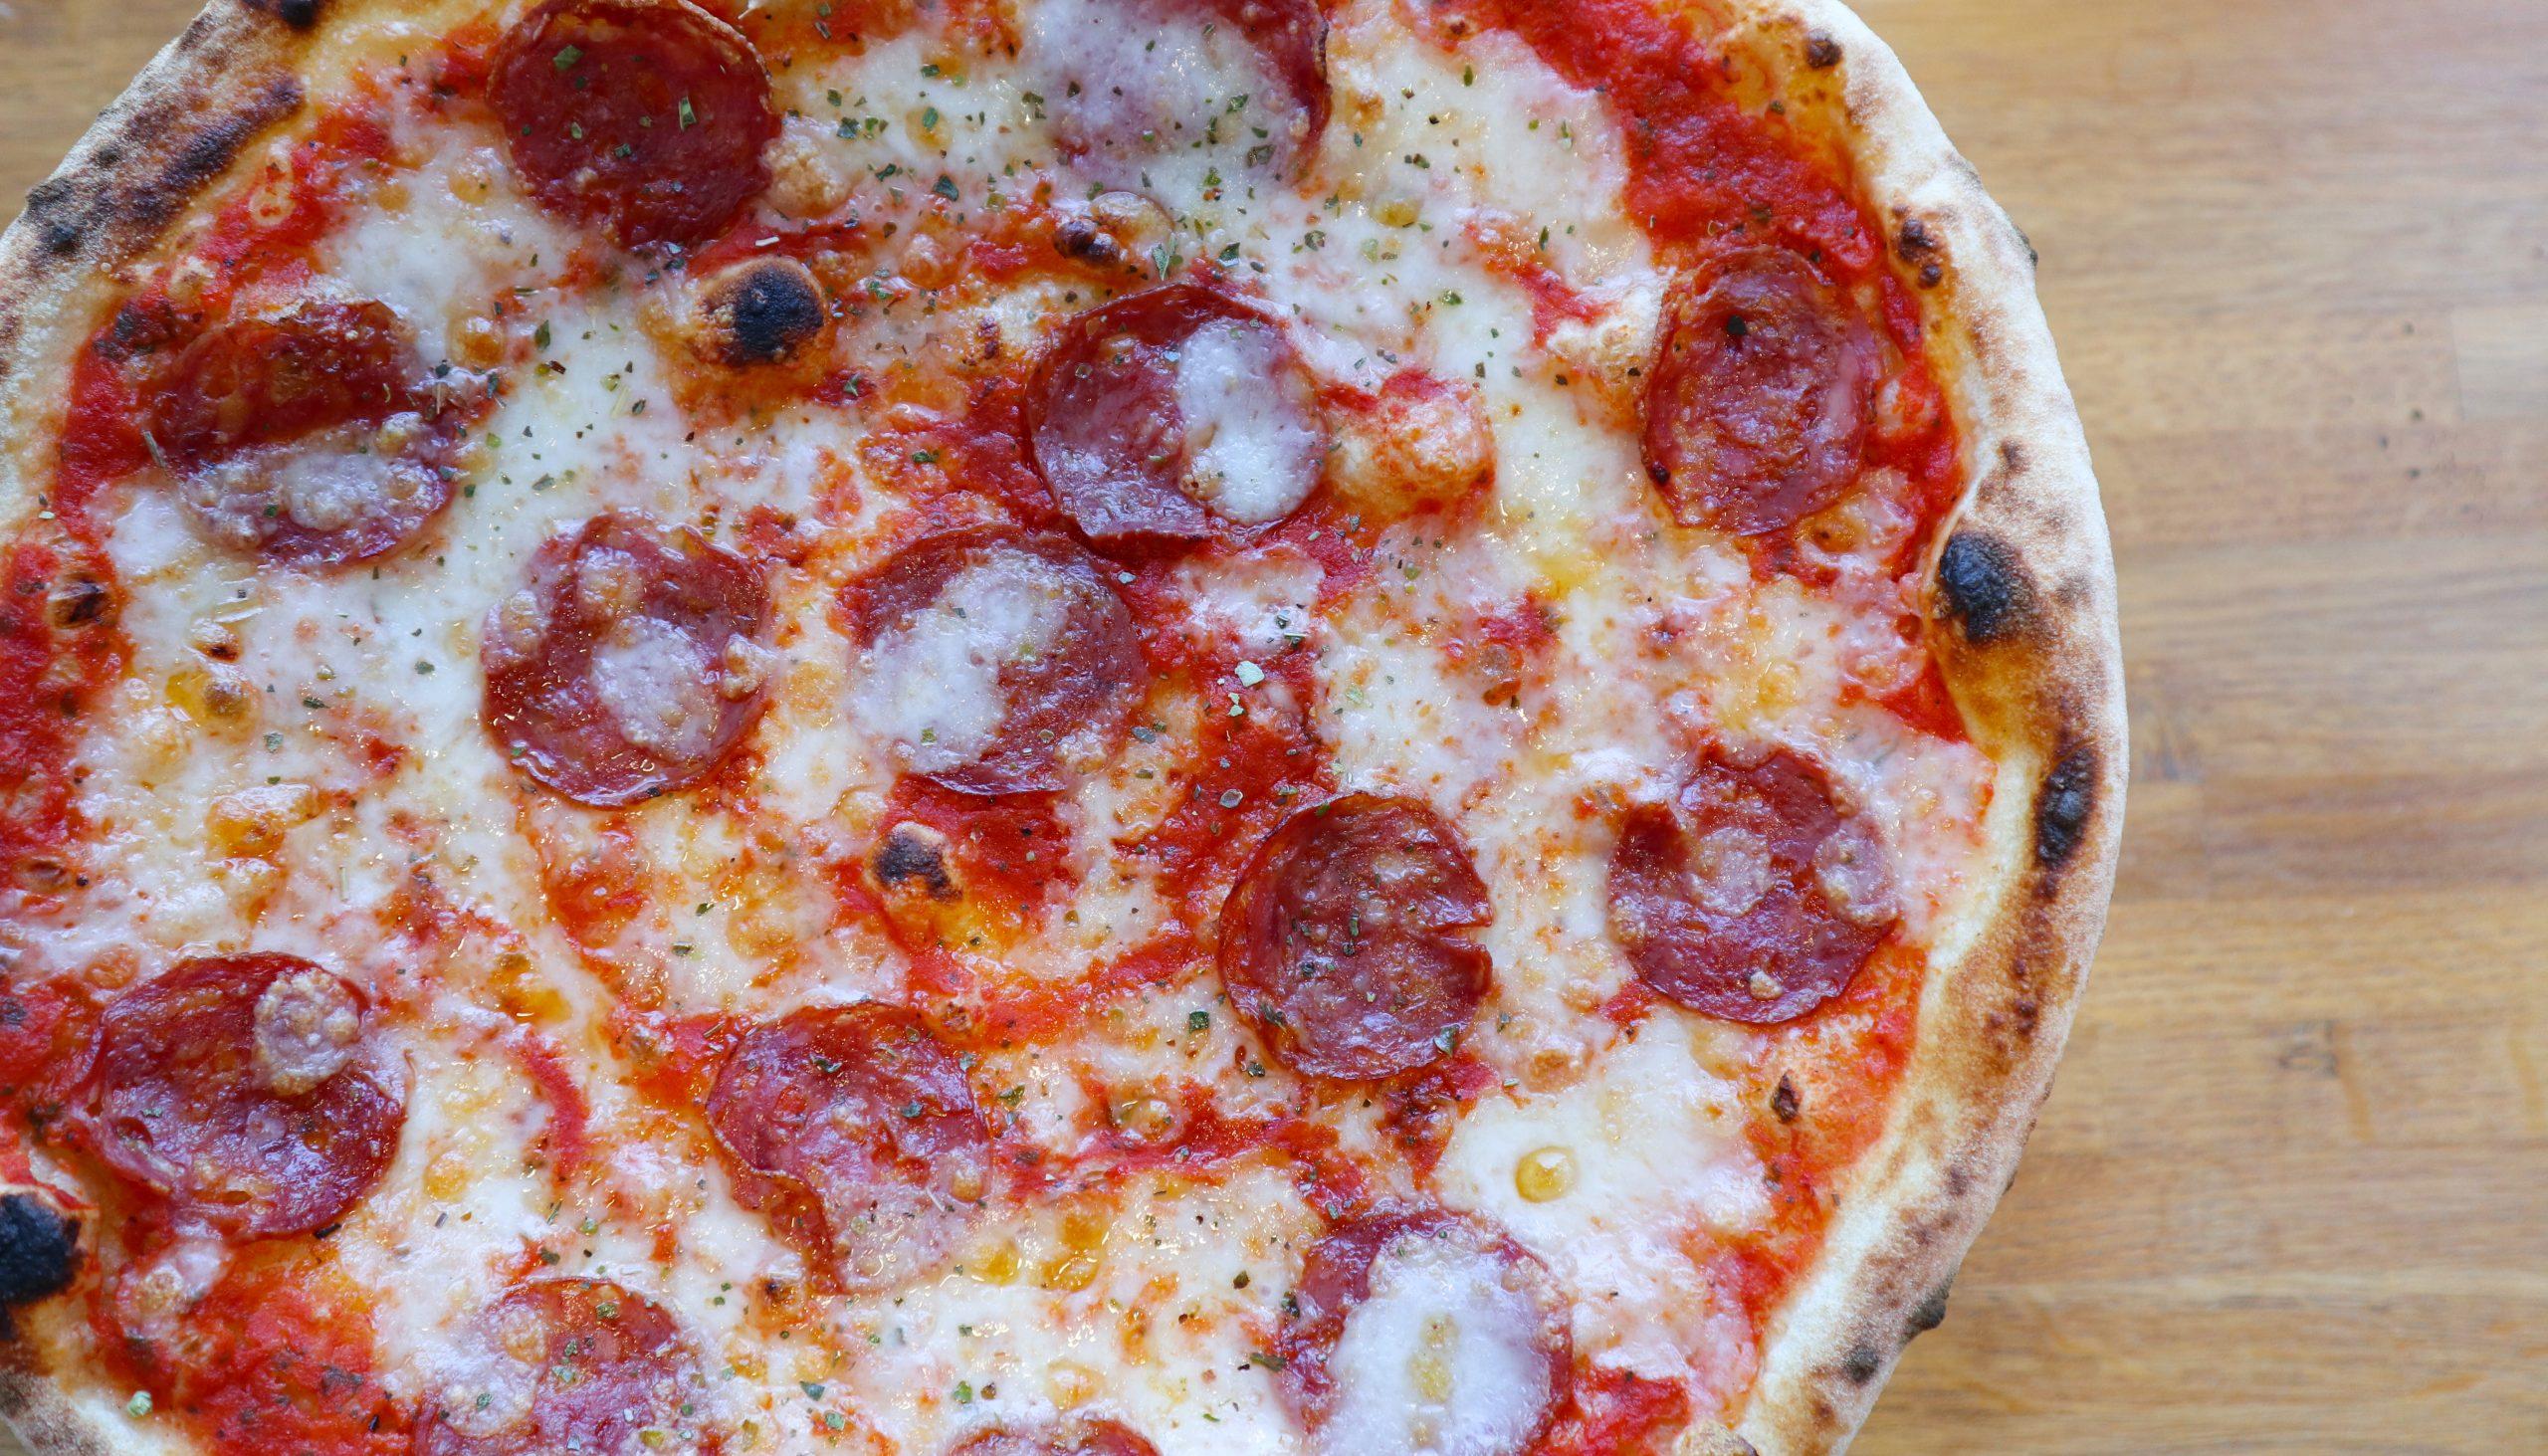 Du sparer 30%: Lækre italienske pizzaer fra Pizzahytten i Aalborg til kun 55 kr.